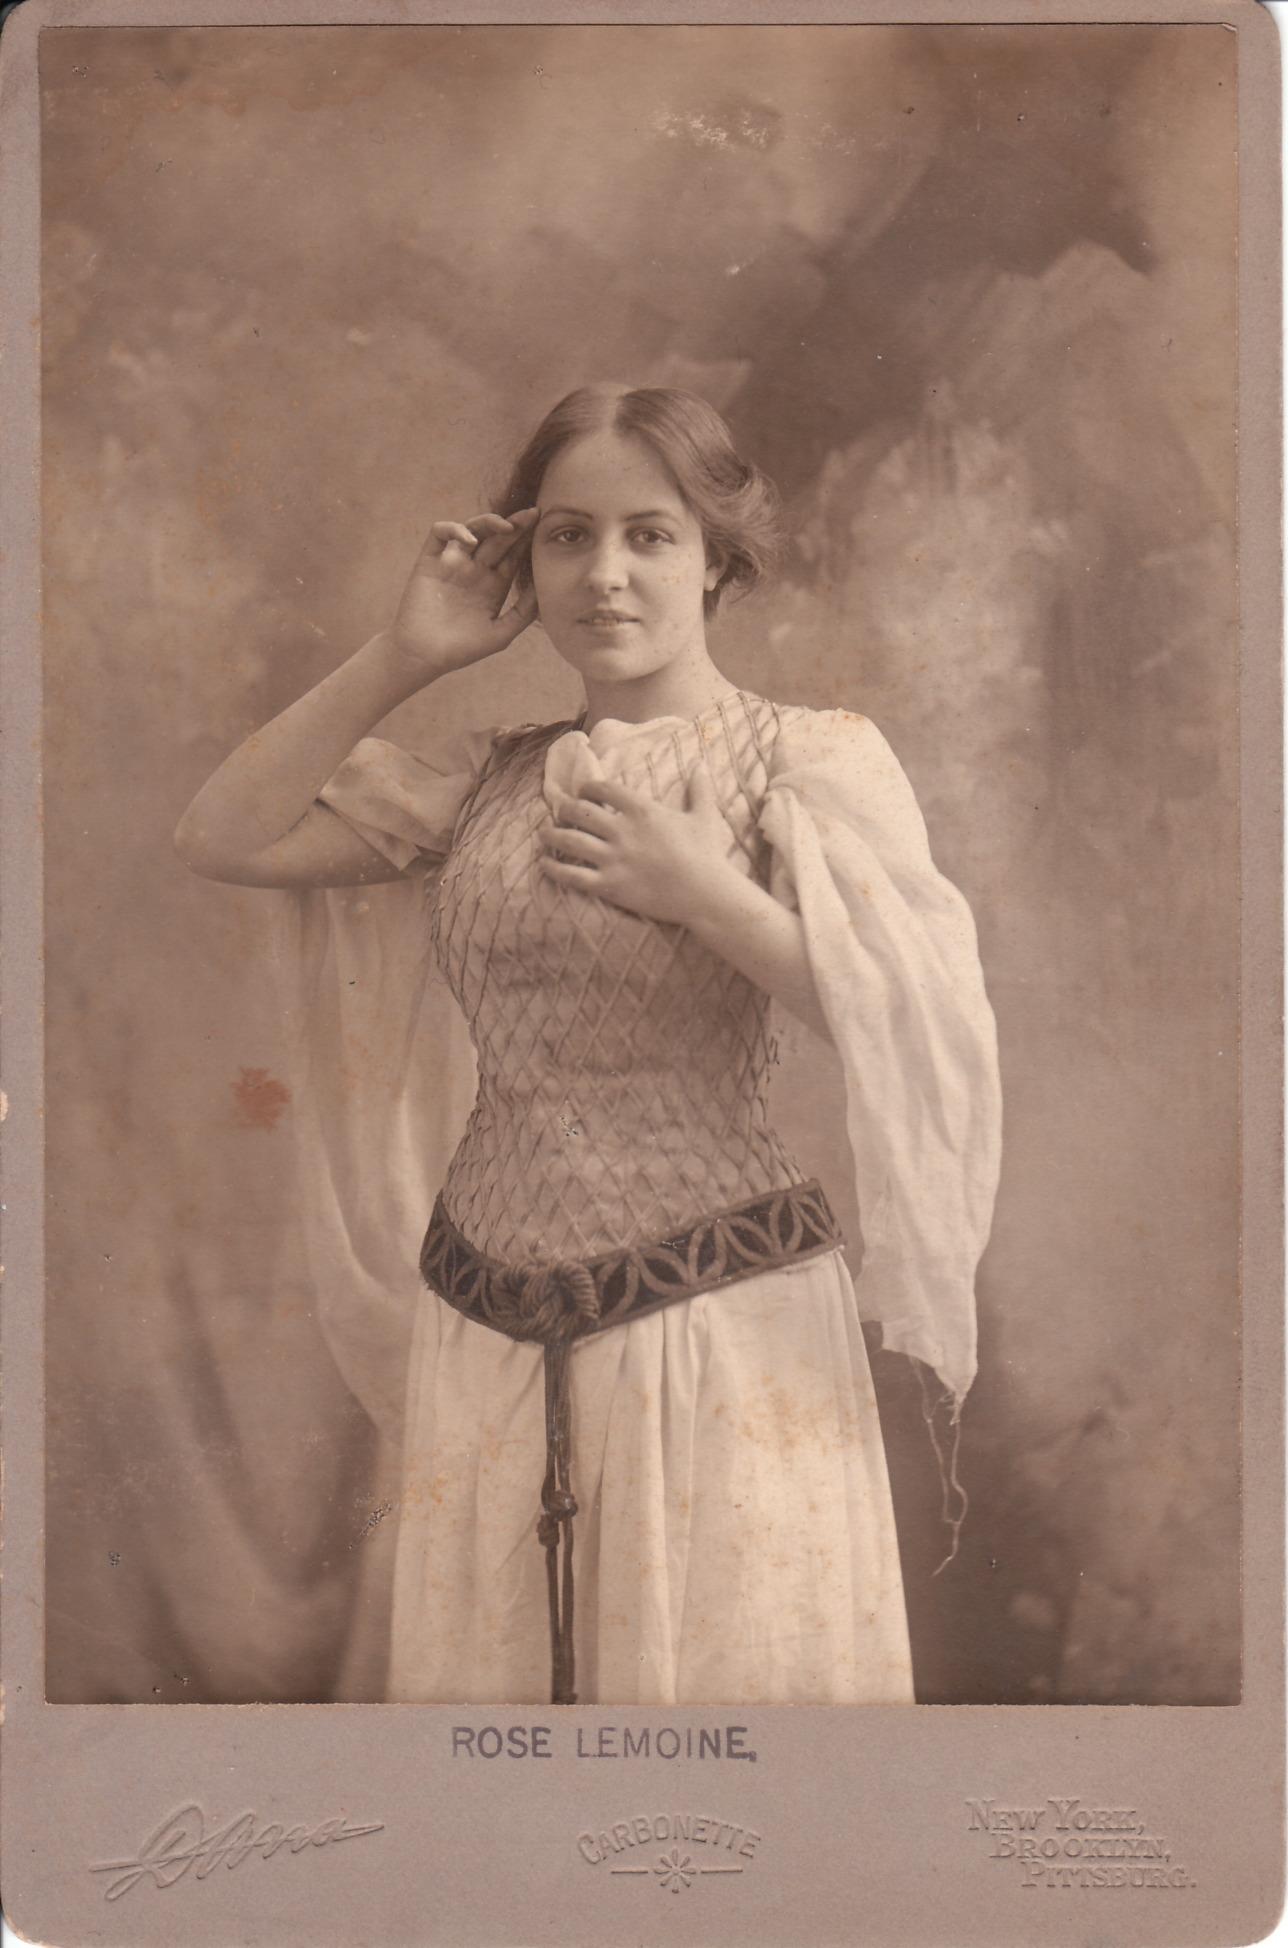 ROSE LEMOINE